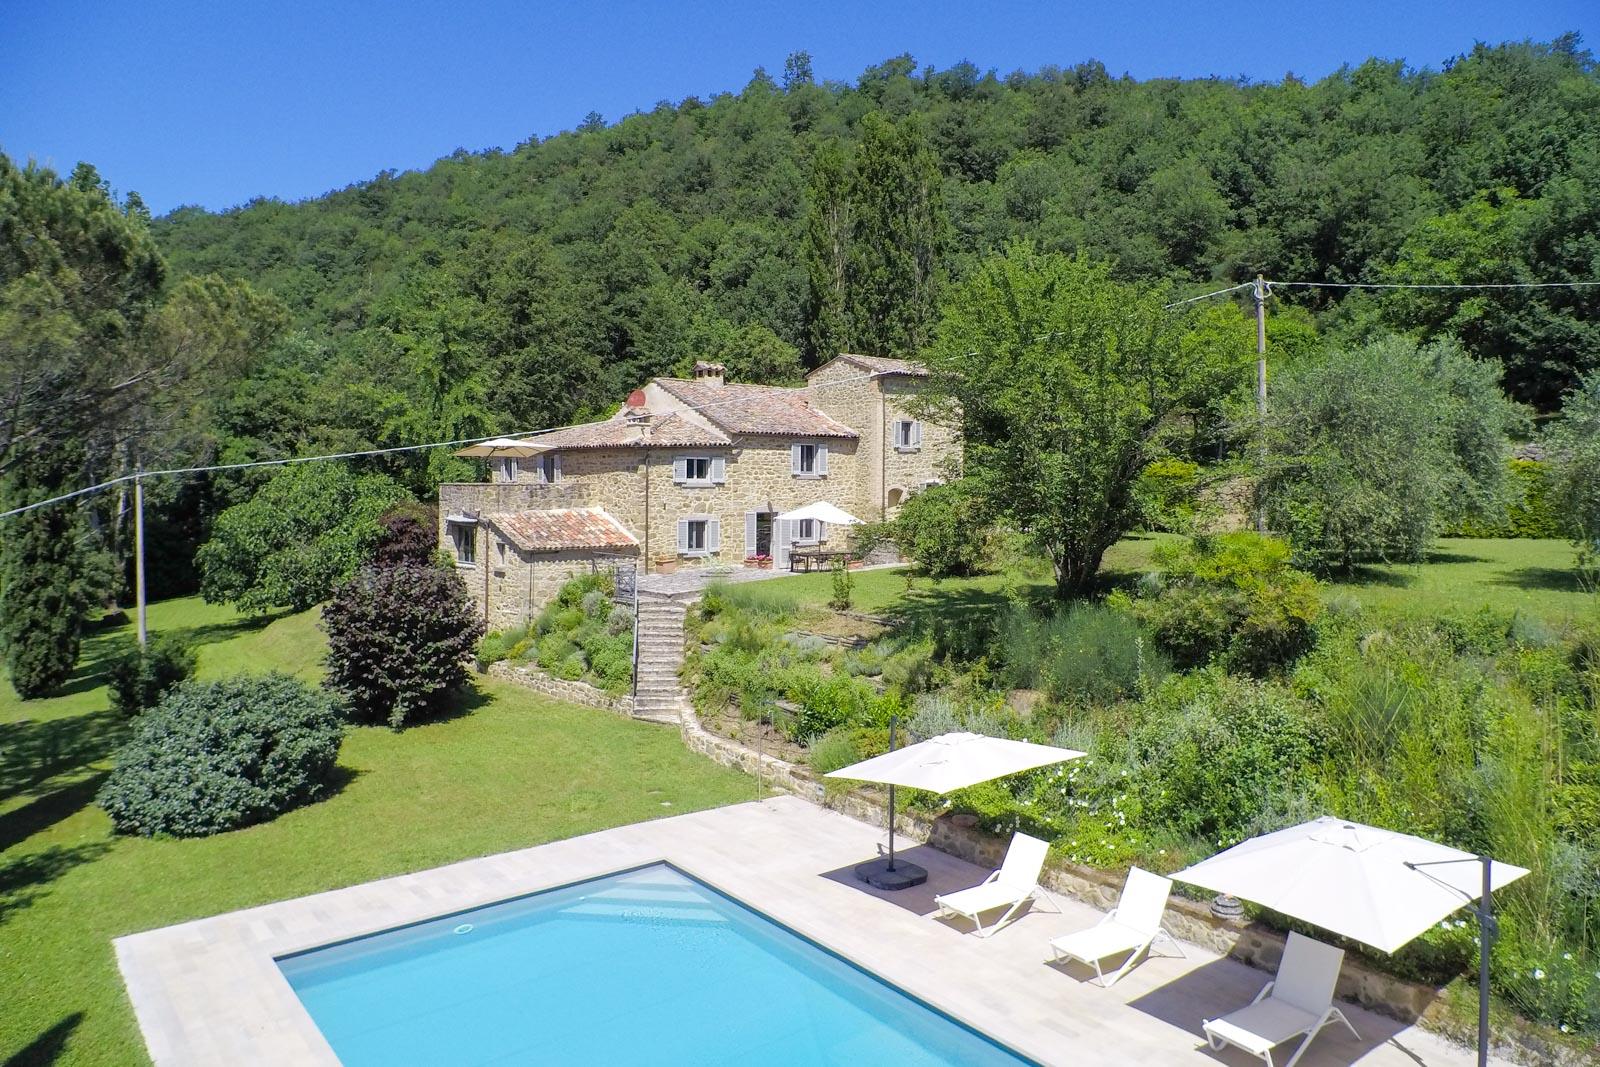 L'antico casale in vendita splendidamente restaurato con giardino, piscina e campo da tennis in Toscana